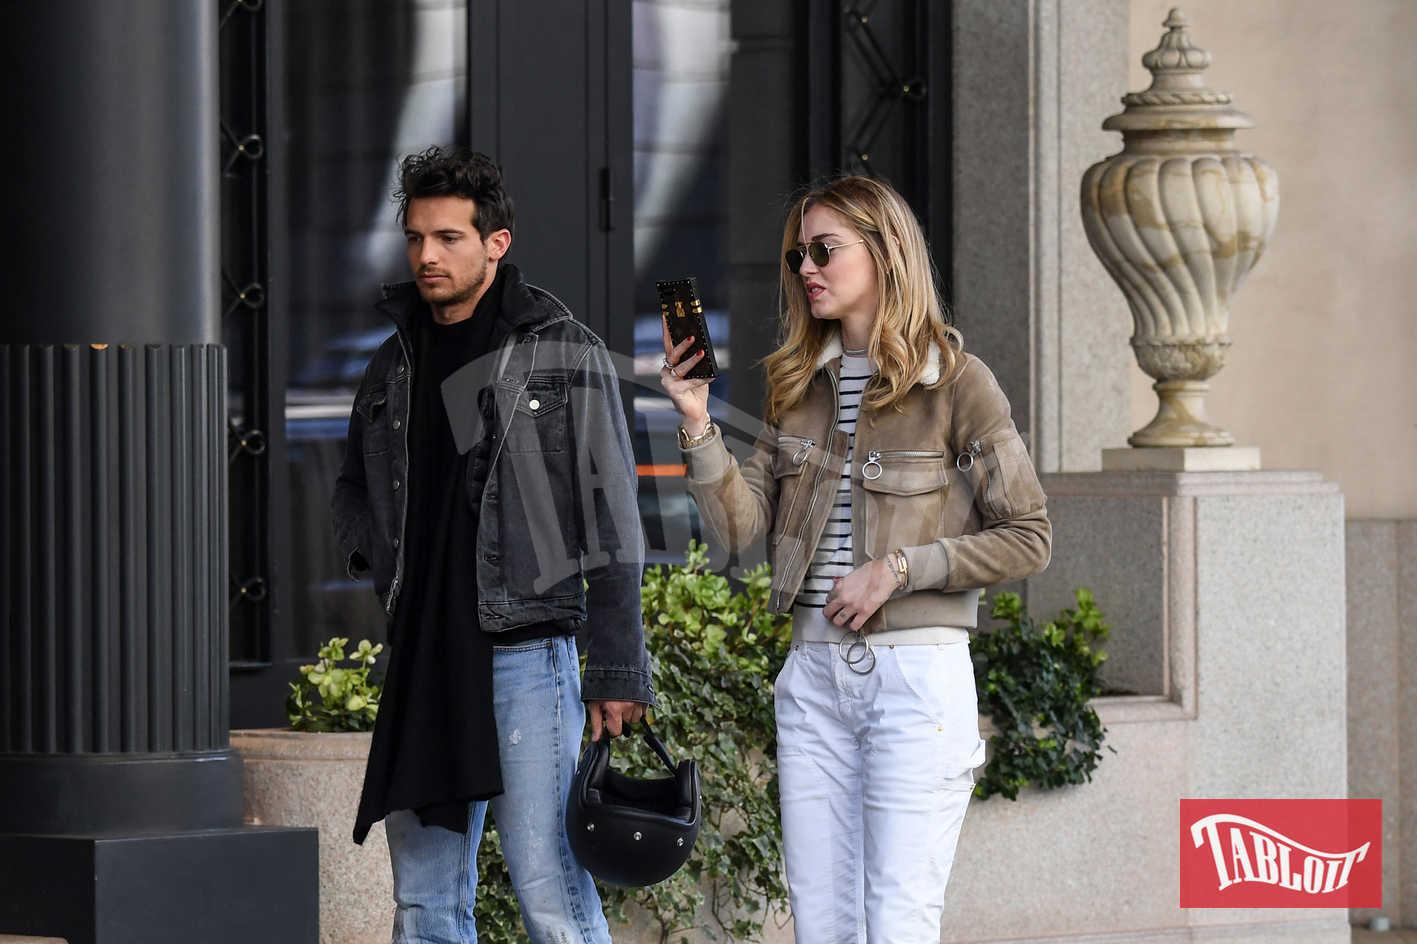 Chiara Ferragni e Riccardo Pozzoli all'esterno dell'Hotel Palazzo Parigi di Milano per un incontro di lavoro. I due sono stati insieme sette anni e ad oggi sono rimasti buoni amici